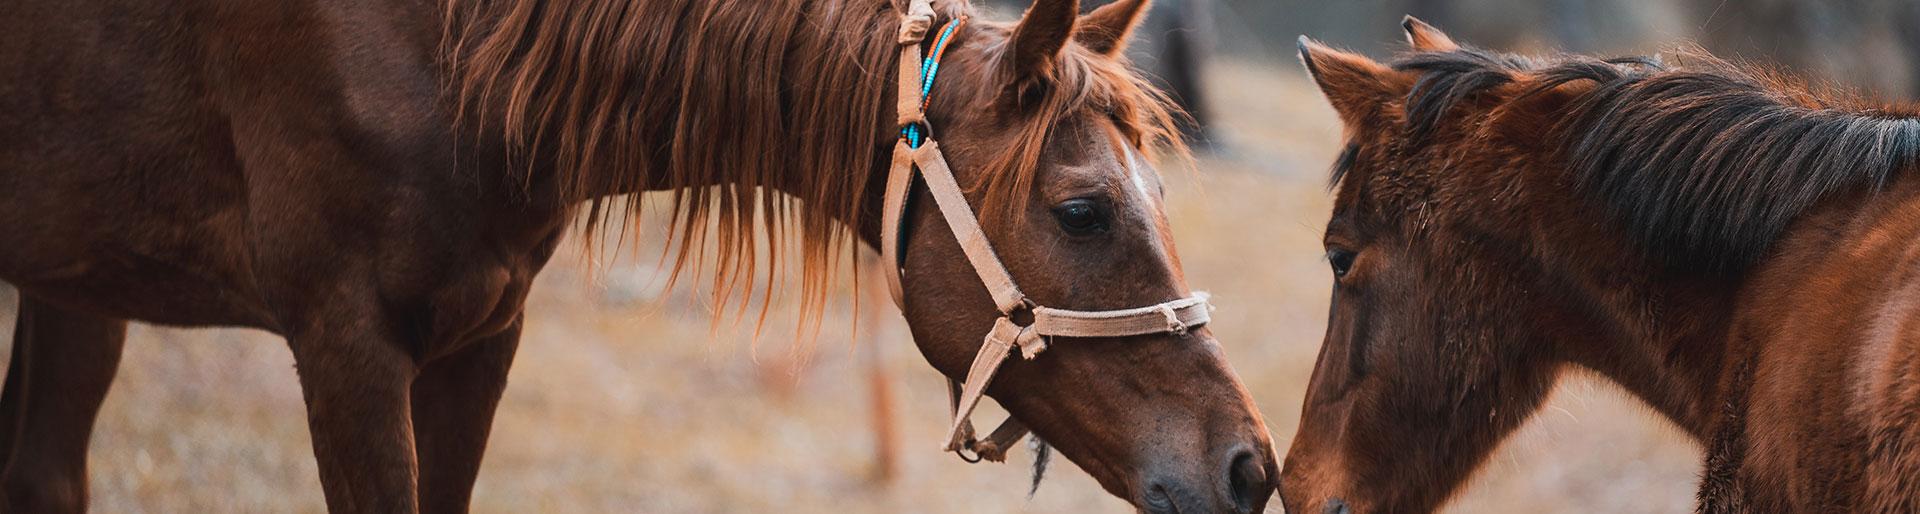 BP JEPS ESAE - Duo de chevaux